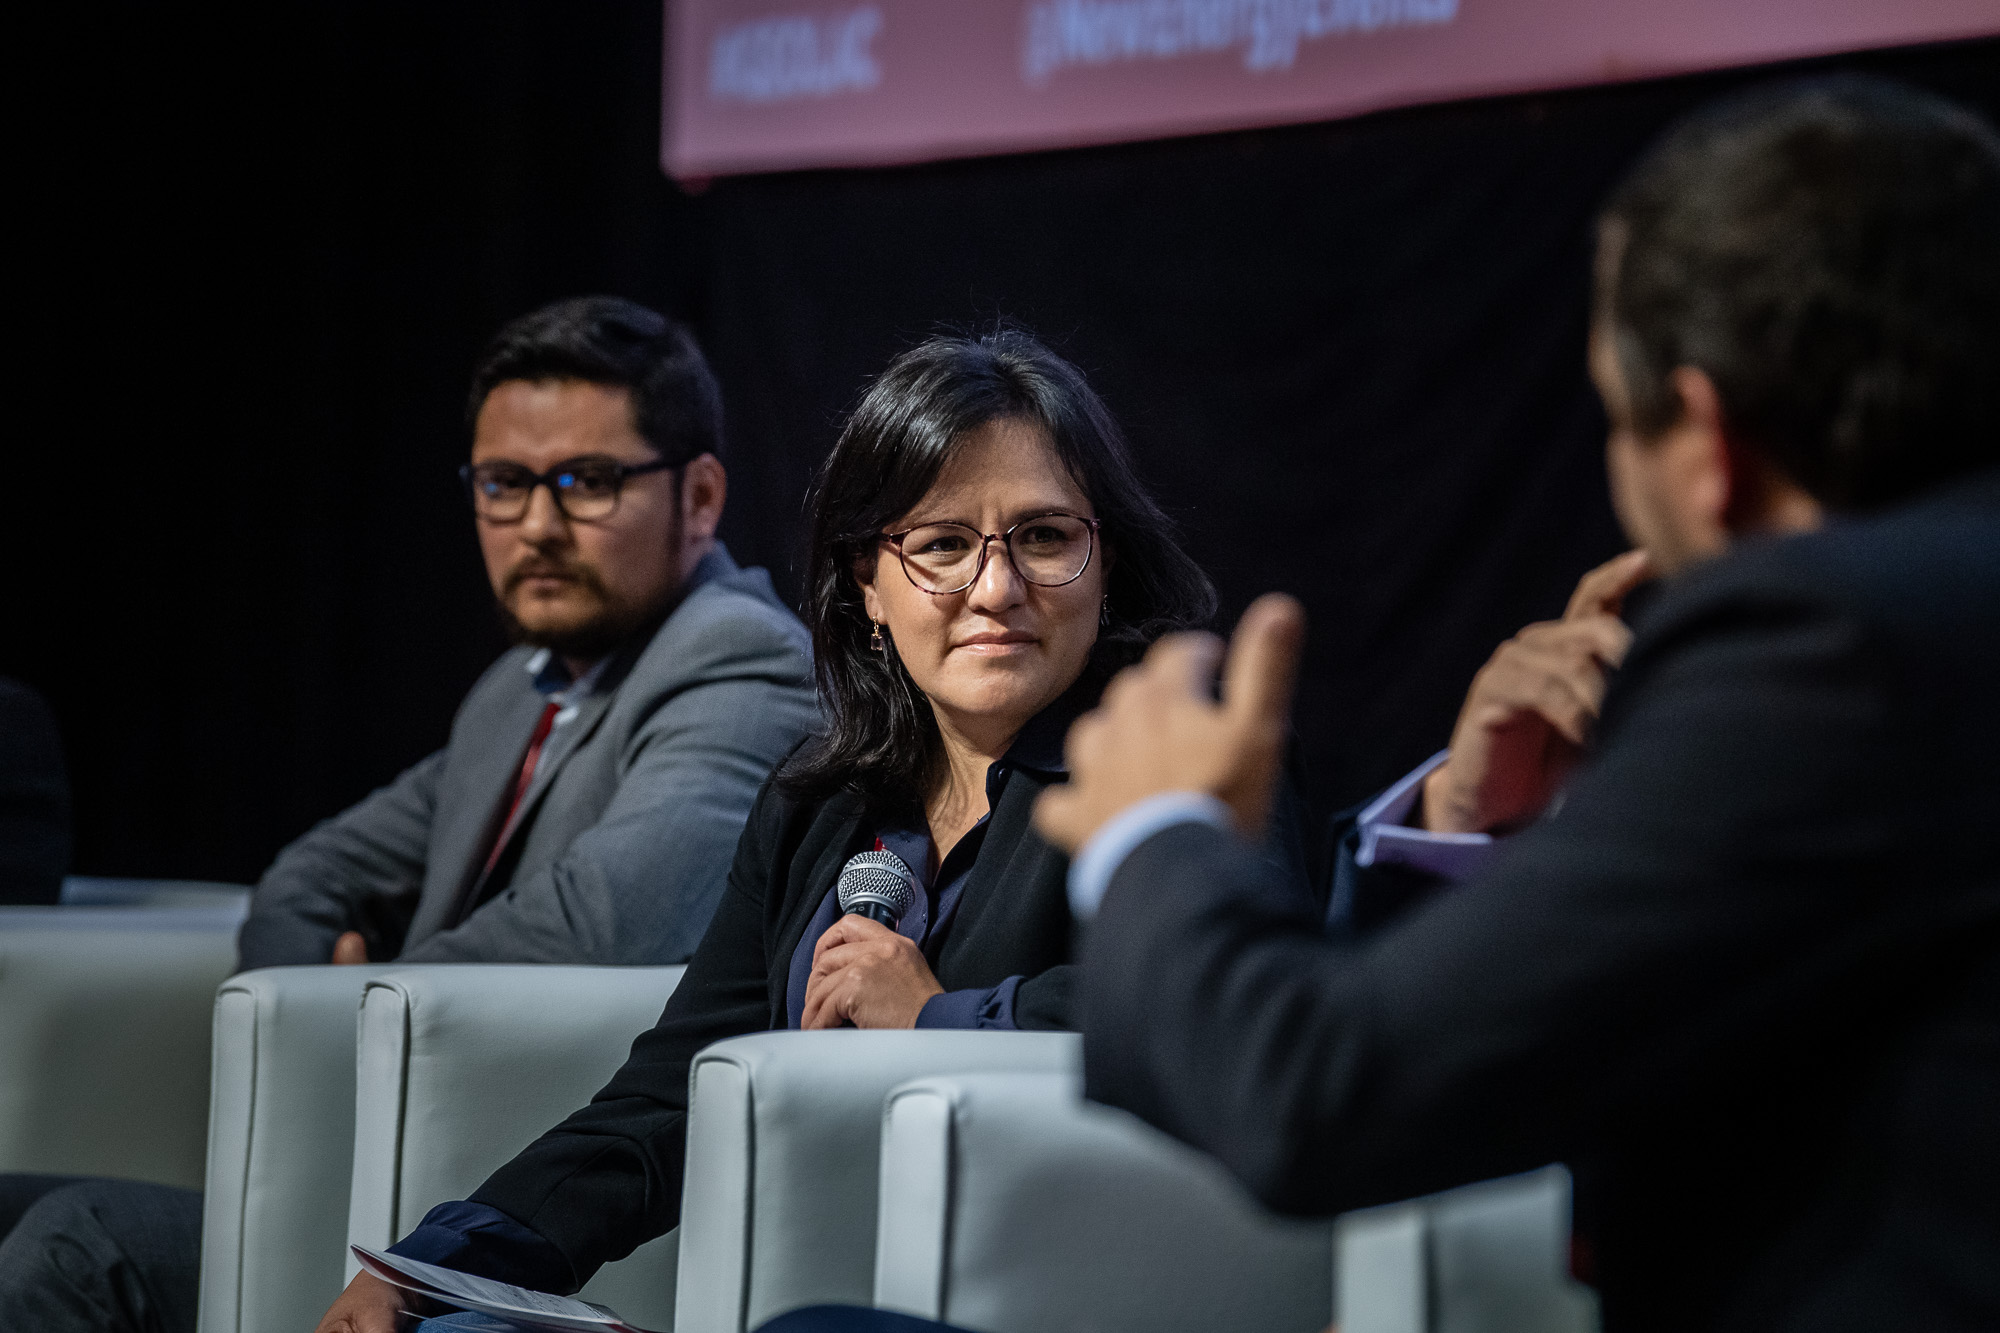 Speakers-podium-close-up-548-GEOLAC_SANTIAGO